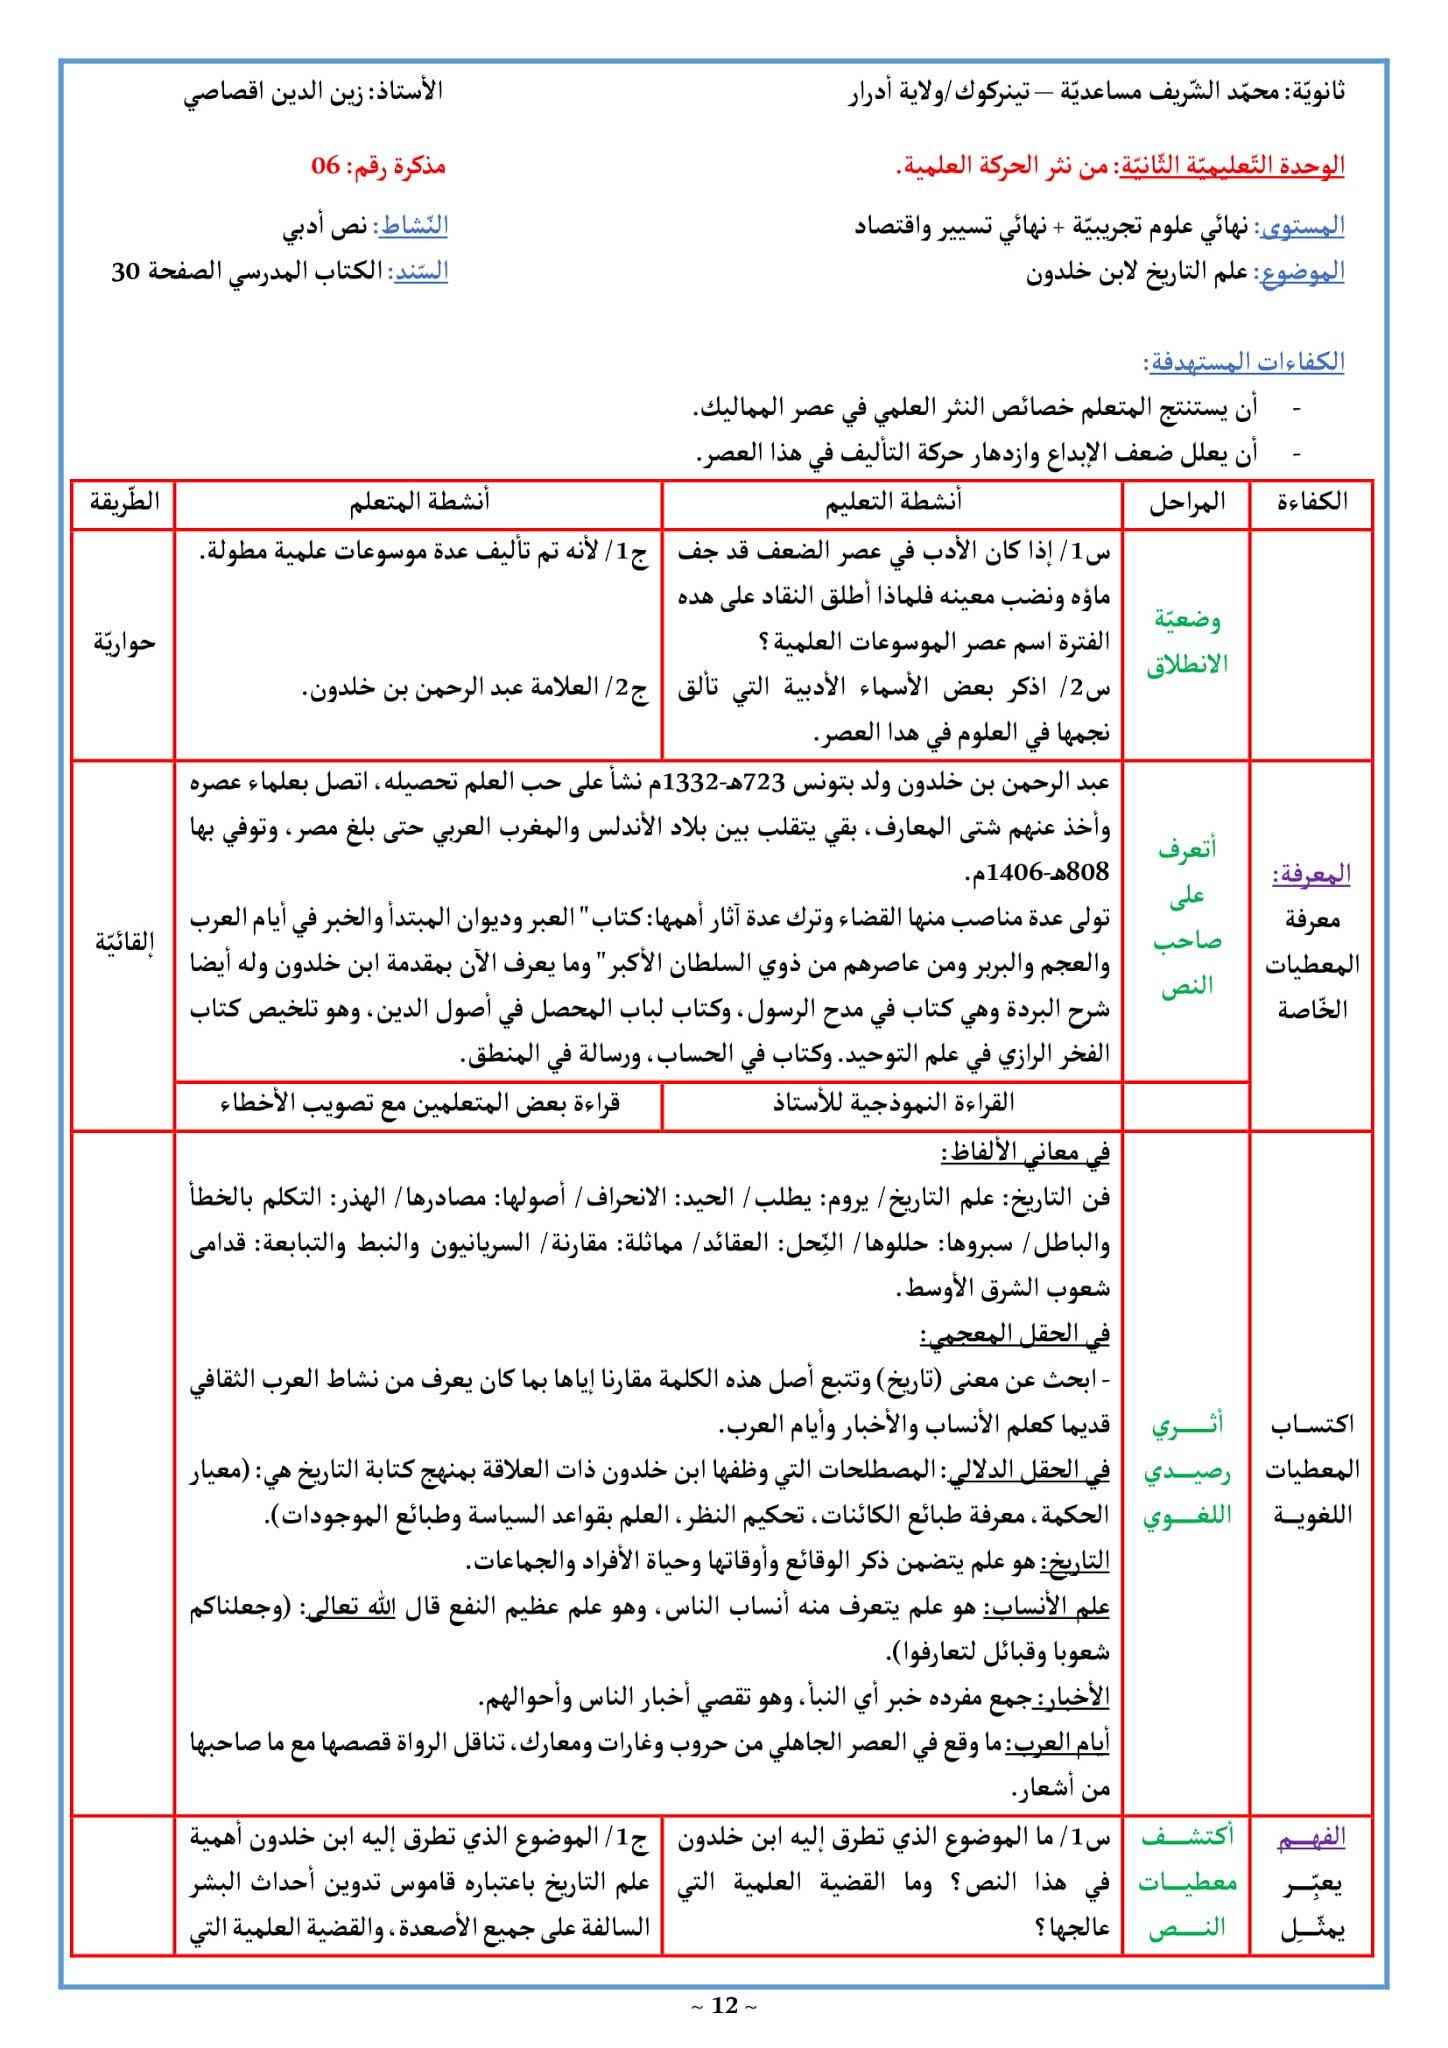 تحضير نص علم التاريخ 3 ثانوي علمي صفحة 30 من الكتاب المدرسي   موقع التعليم  الجزائري - Dzetude